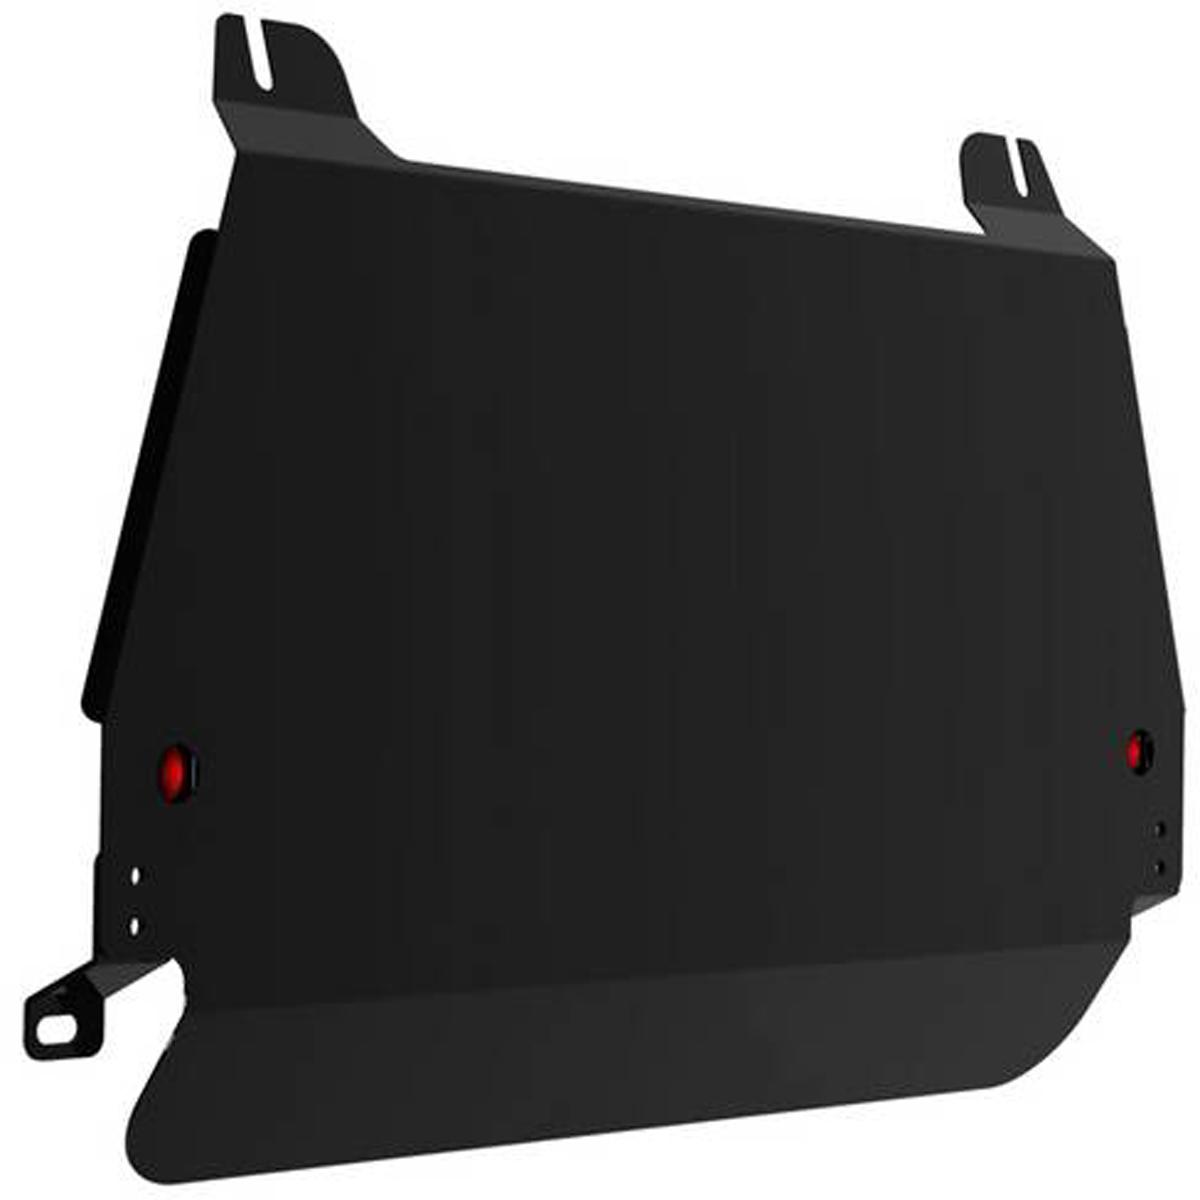 Защита картера и КПП Автоброня Lexus RX 300 2003-2009/Toyota Highlander 2003-2009, сталь 2 мм111.03203.1Защита картера и КПП Автоброня для Lexus RX 300, 330, 350, 400 2003-2009/Toyota Highlander, V - 2,4; 3,0 2003-2009, сталь 2 мм, комплект крепежа, 111.03203.1Стальные защиты Автоброня надежно защищают ваш автомобиль от повреждений при наезде на бордюры, выступающие канализационные люки, кромки поврежденного асфальта или при ремонте дорог, не говоря уже о загородных дорогах. - Имеют оптимальное соотношение цена-качество. - Спроектированы с учетом особенностей автомобиля, что делает установку удобной. - Защита устанавливается в штатные места кузова автомобиля. - Является надежной защитой для важных элементов на протяжении долгих лет. - Глубокий штамп дополнительно усиливает конструкцию защиты. - Подштамповка в местах крепления защищает крепеж от срезания. - Технологические отверстия там, где они необходимы для смены масла и слива воды, оборудованные заглушками, закрепленными на защите. Толщина стали 2 мм. В комплекте крепеж и инструкция по установке.